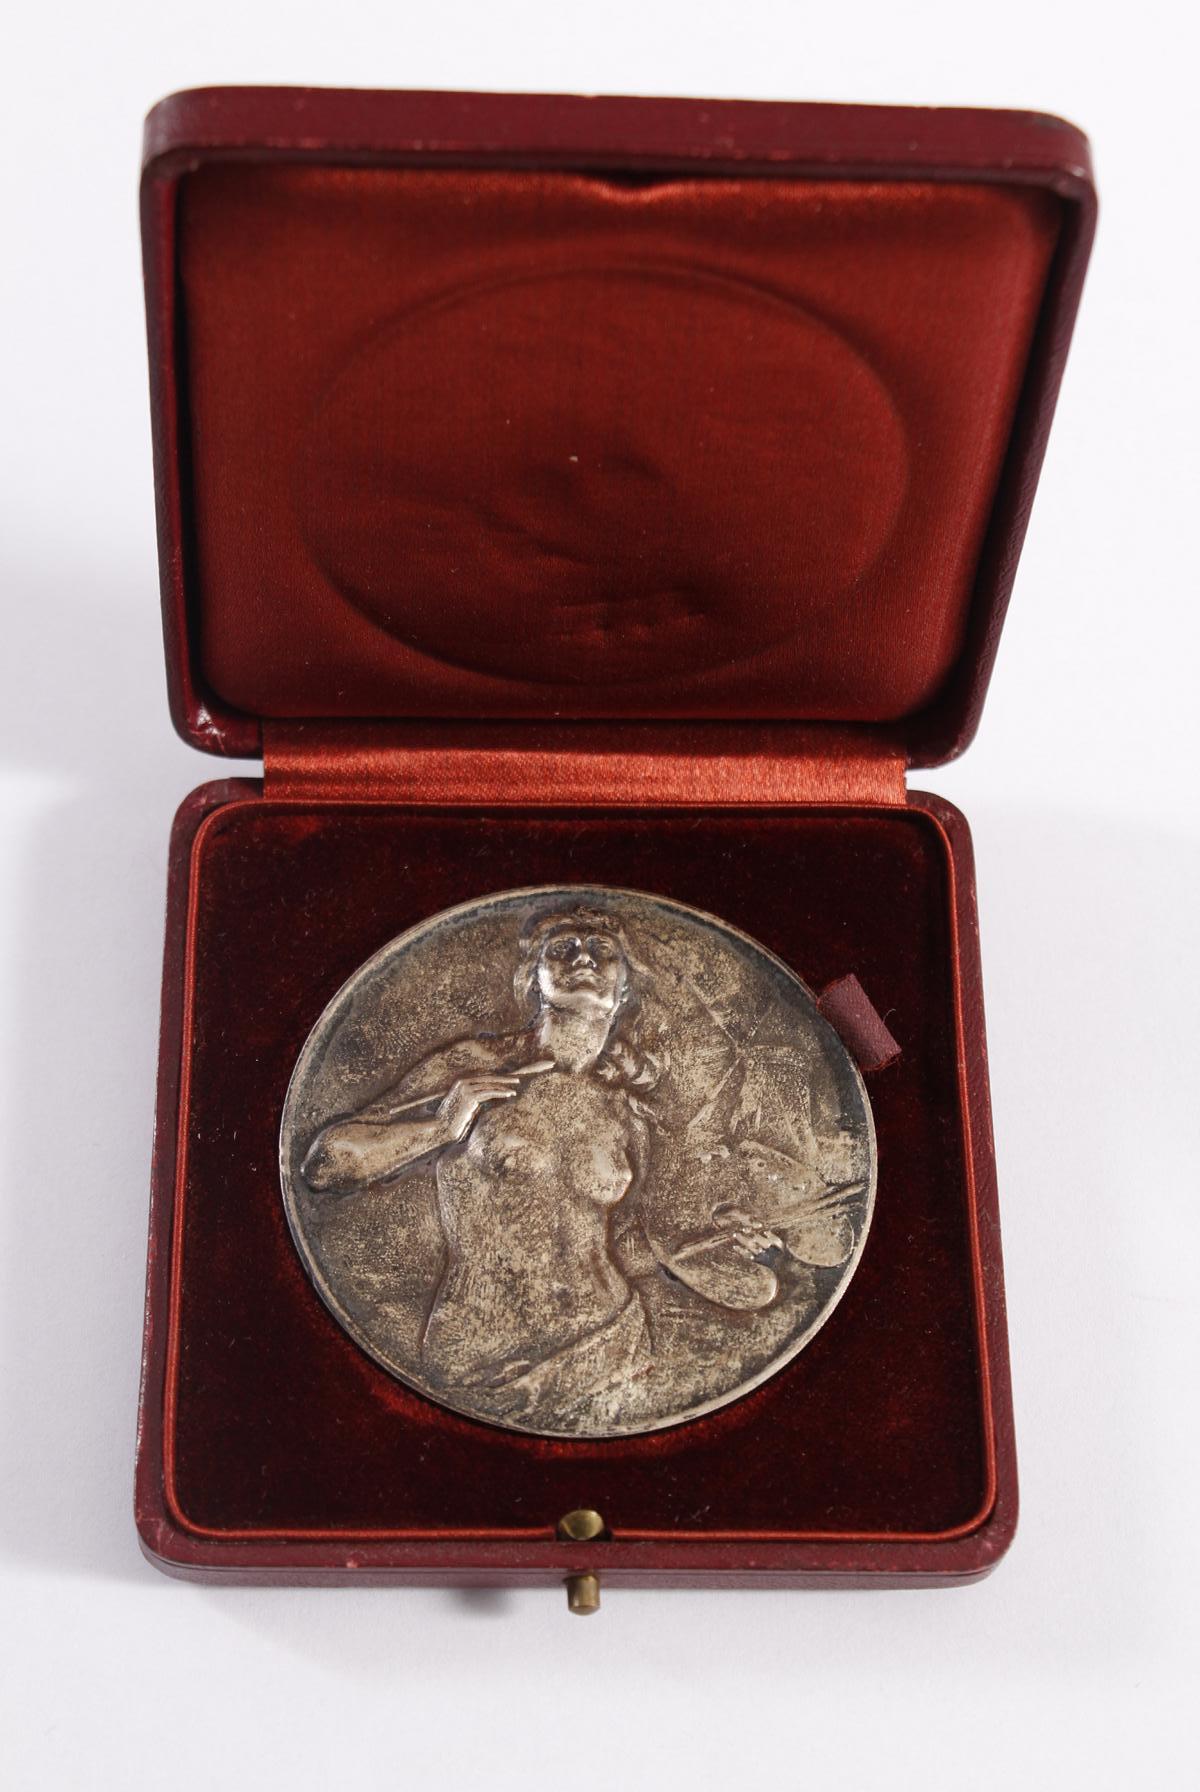 Jugendstil-Medaille Verein Bildender Künstler Karlsruhe